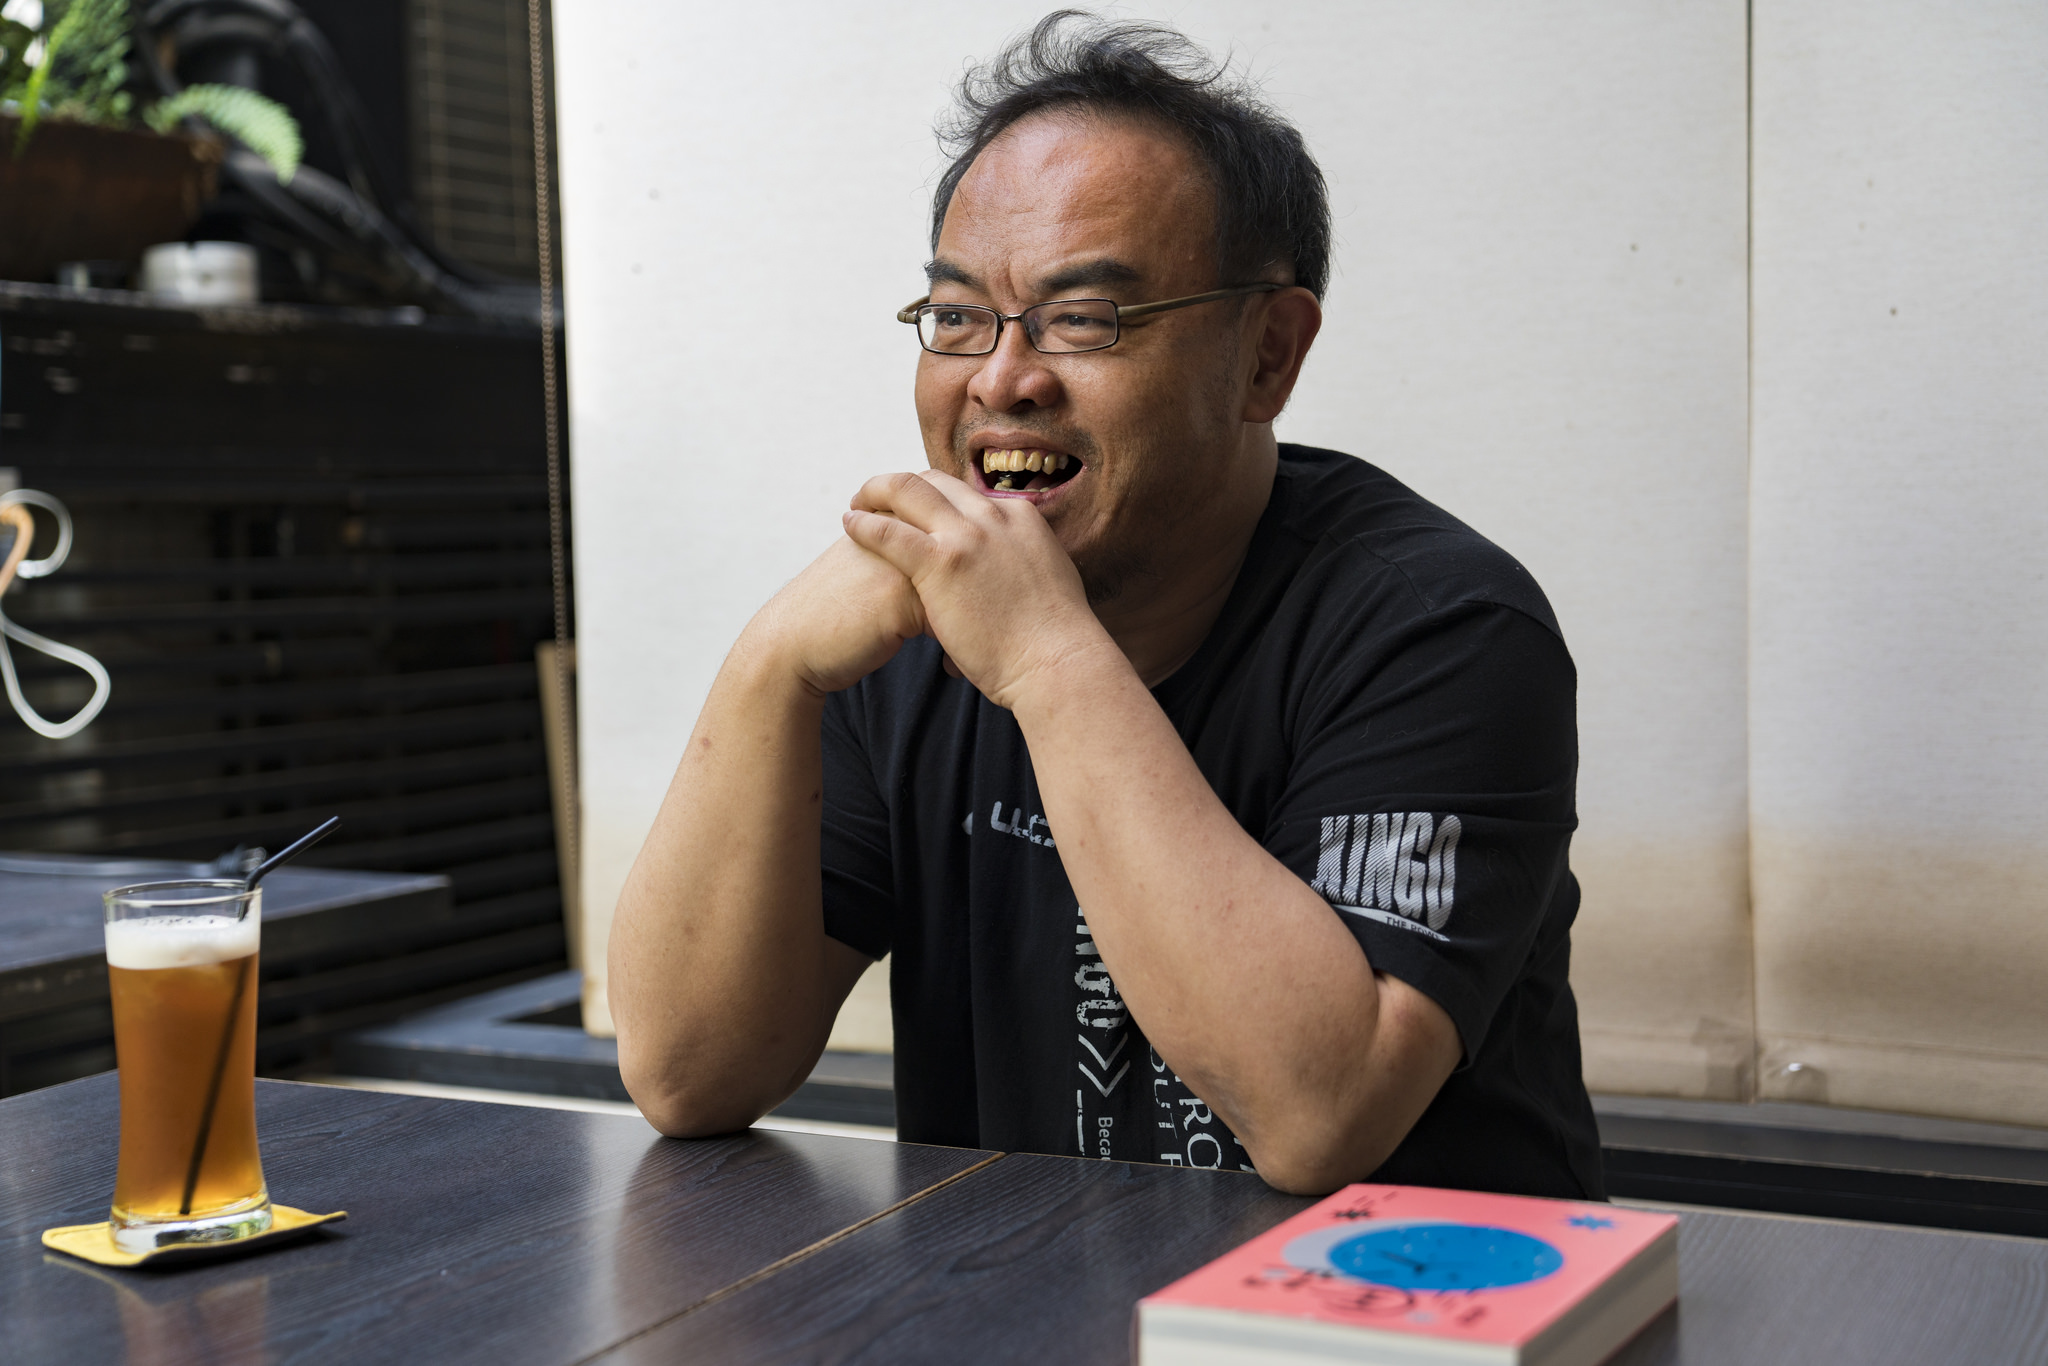 【台北文學獎20週年】專訪 小說家-駱以軍。被文學灼燒雙眼,從此為之癡狂